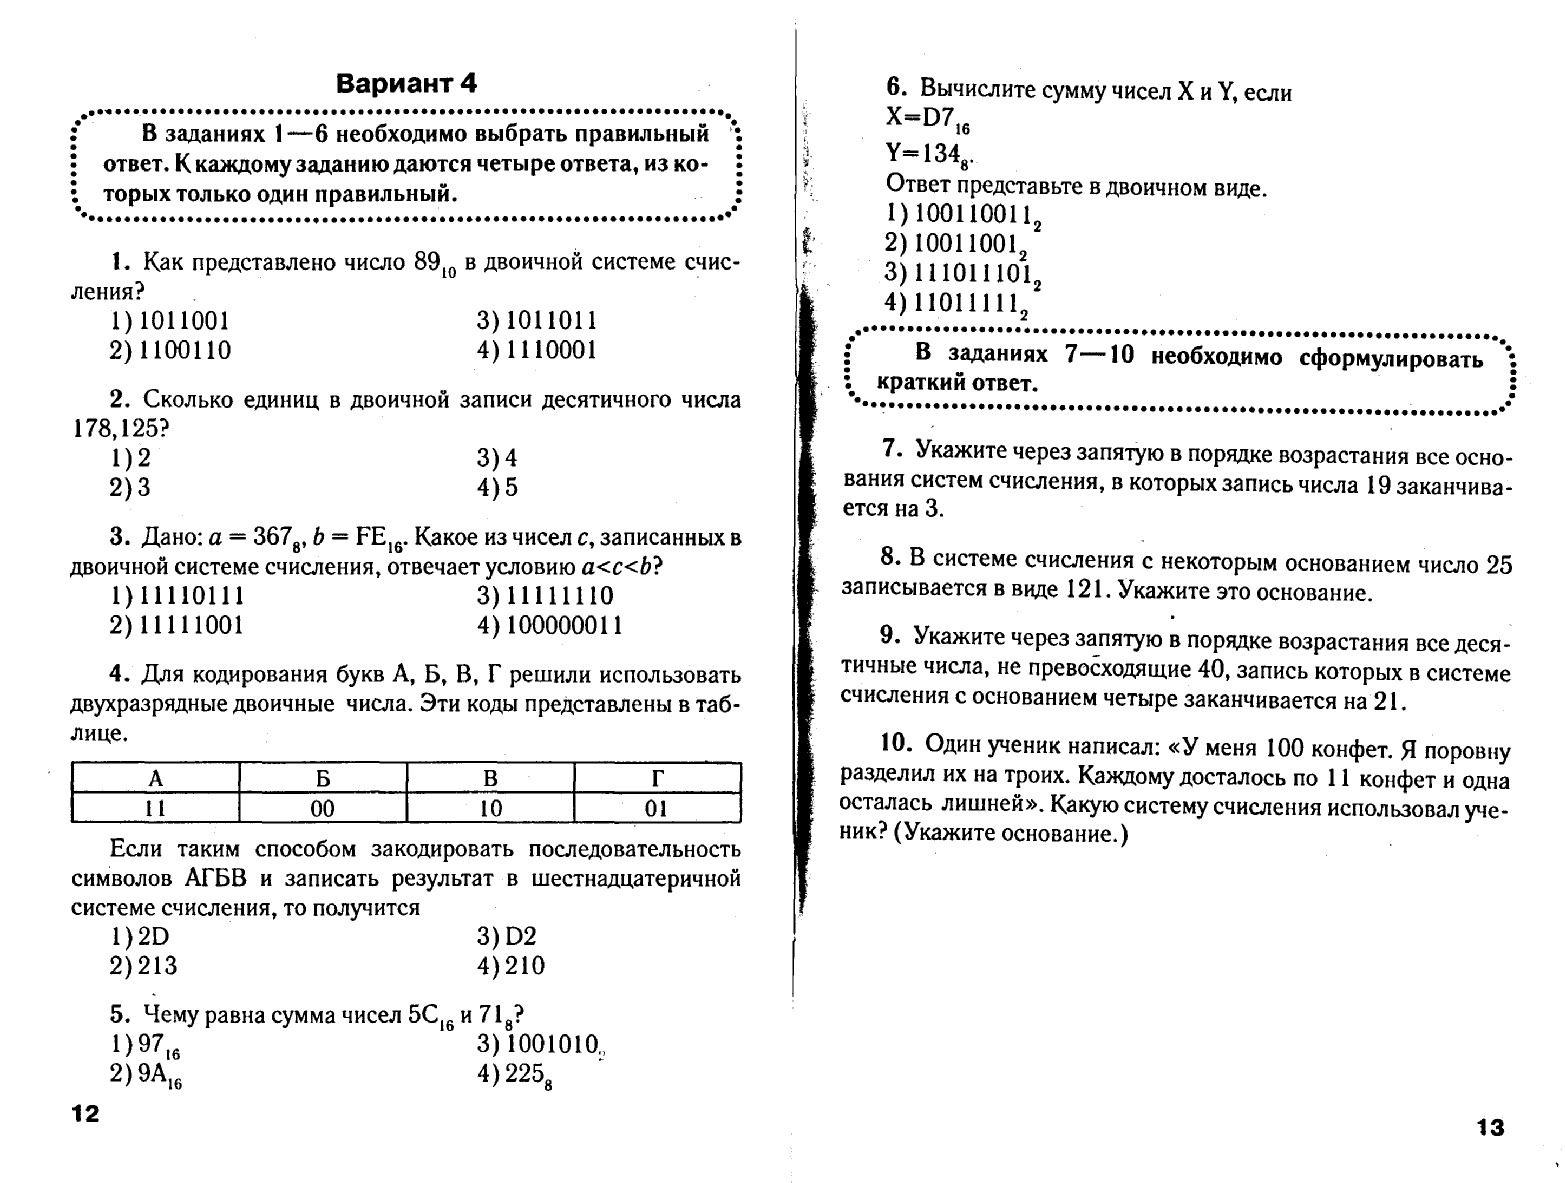 ответы к контрольной работе по теме кодирование и обработка числовой информации